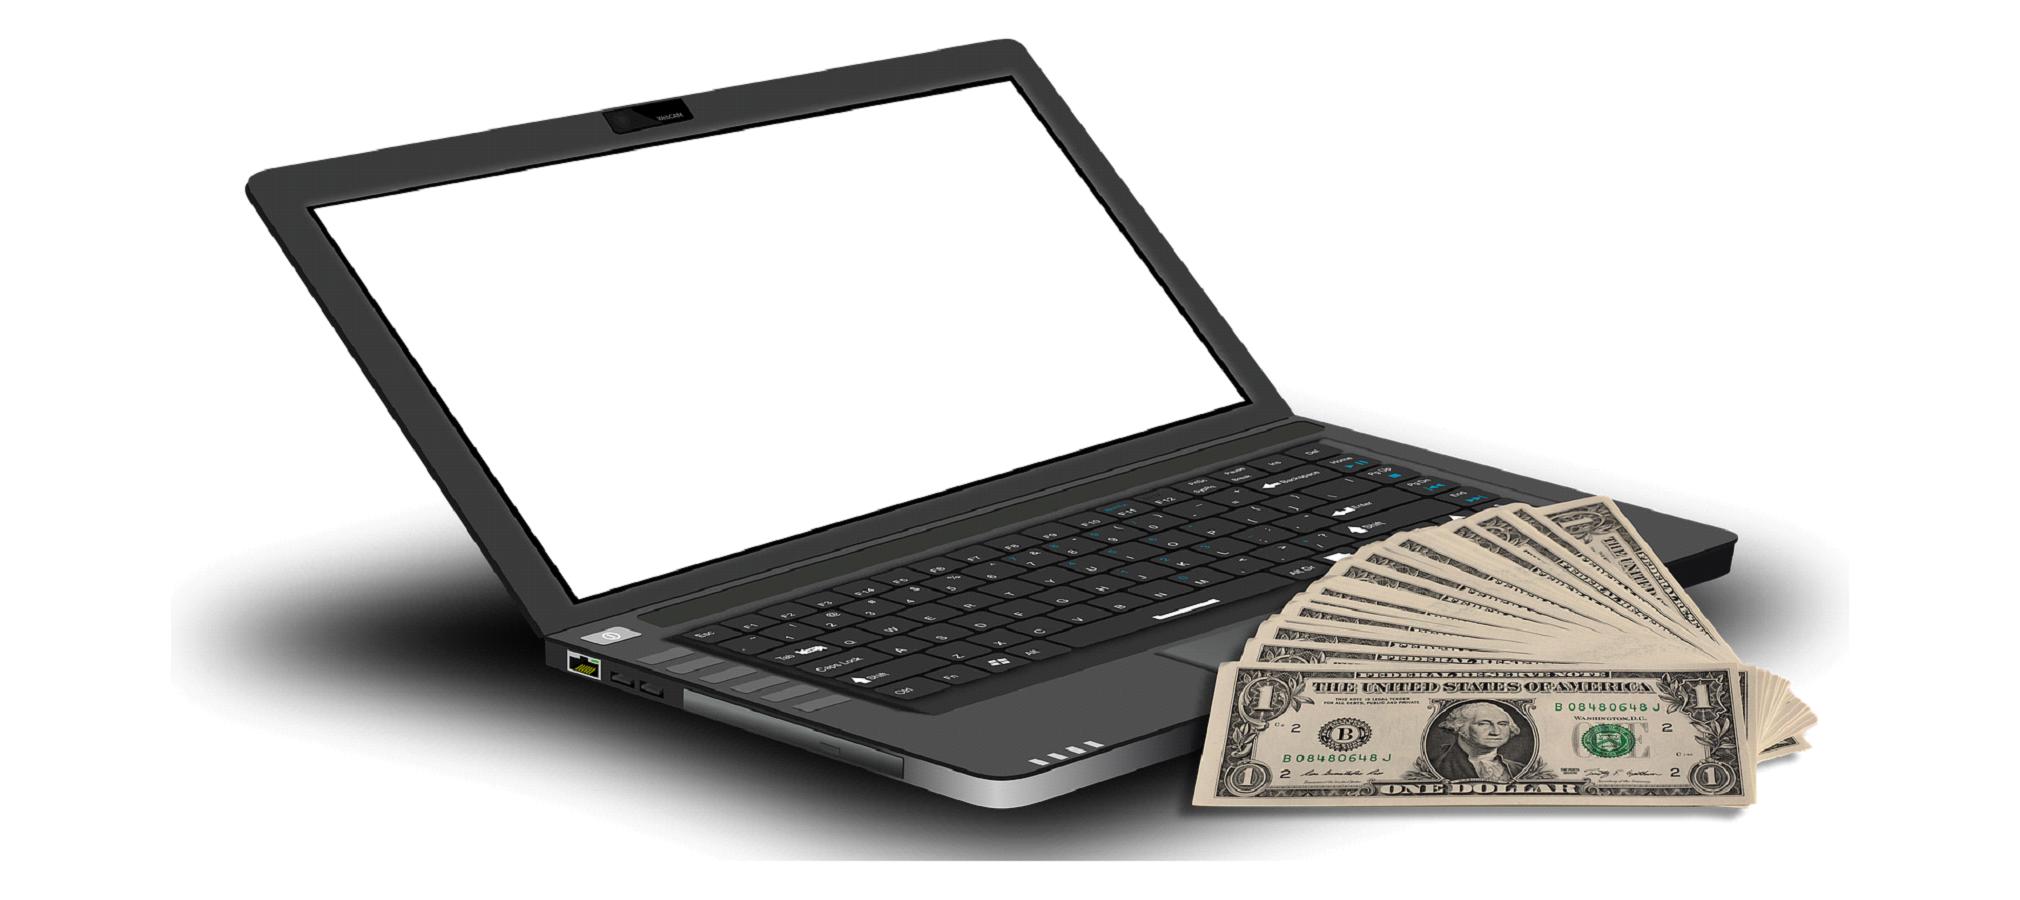 Ganhar dinheiro na internet algumas dicas importantes para começar